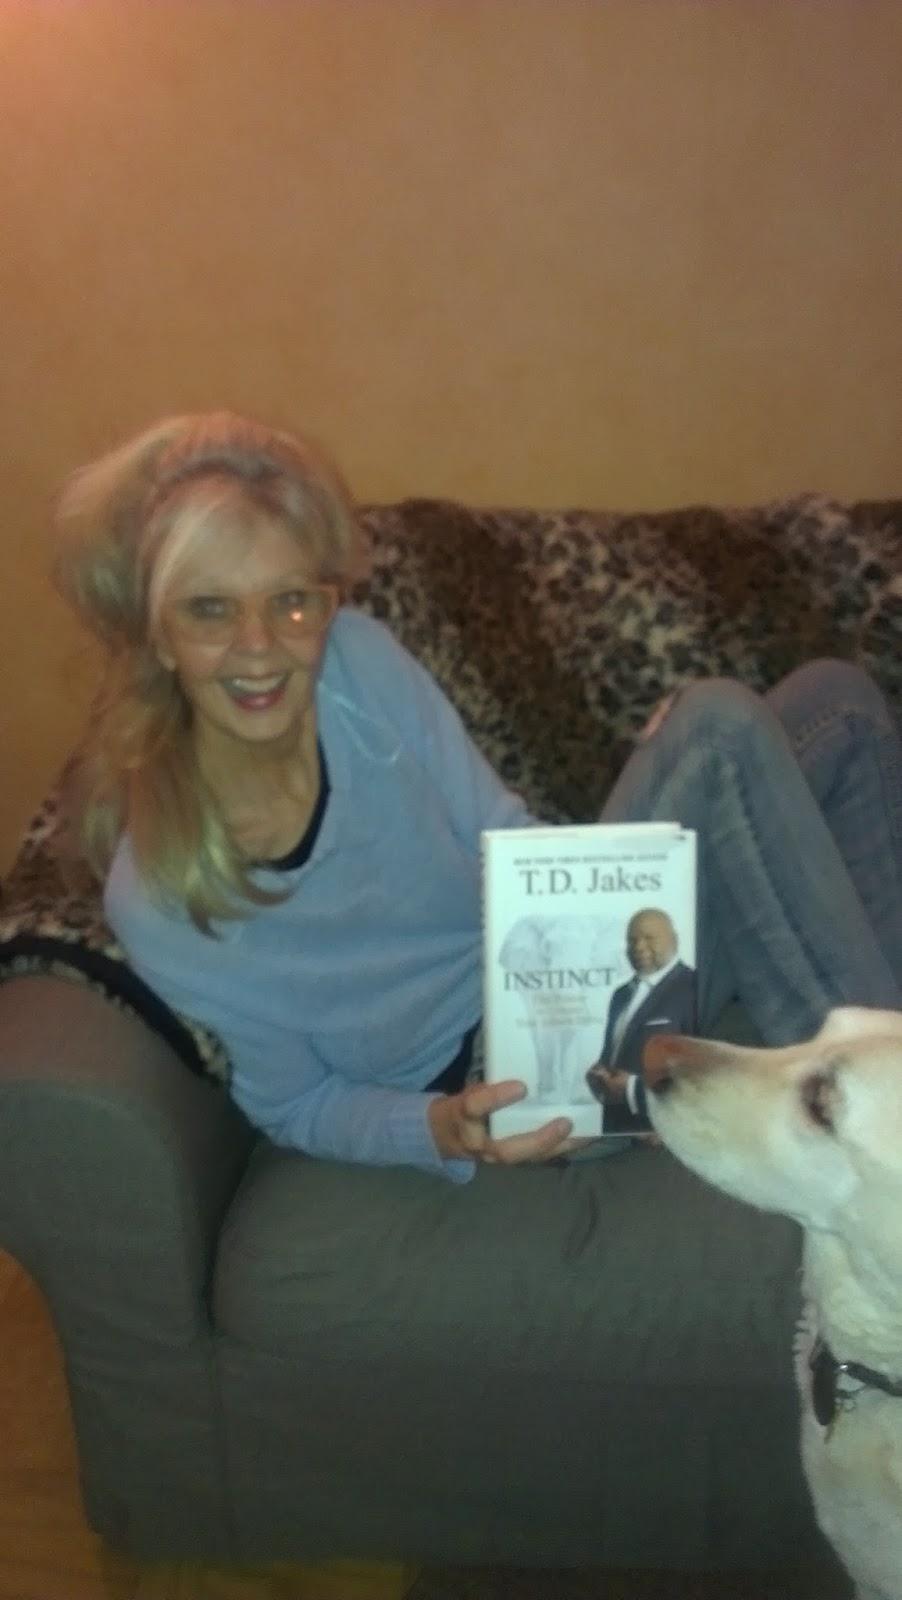 Karin Glannstam's Blog: Great Book       Instinct  by T D  Jakes